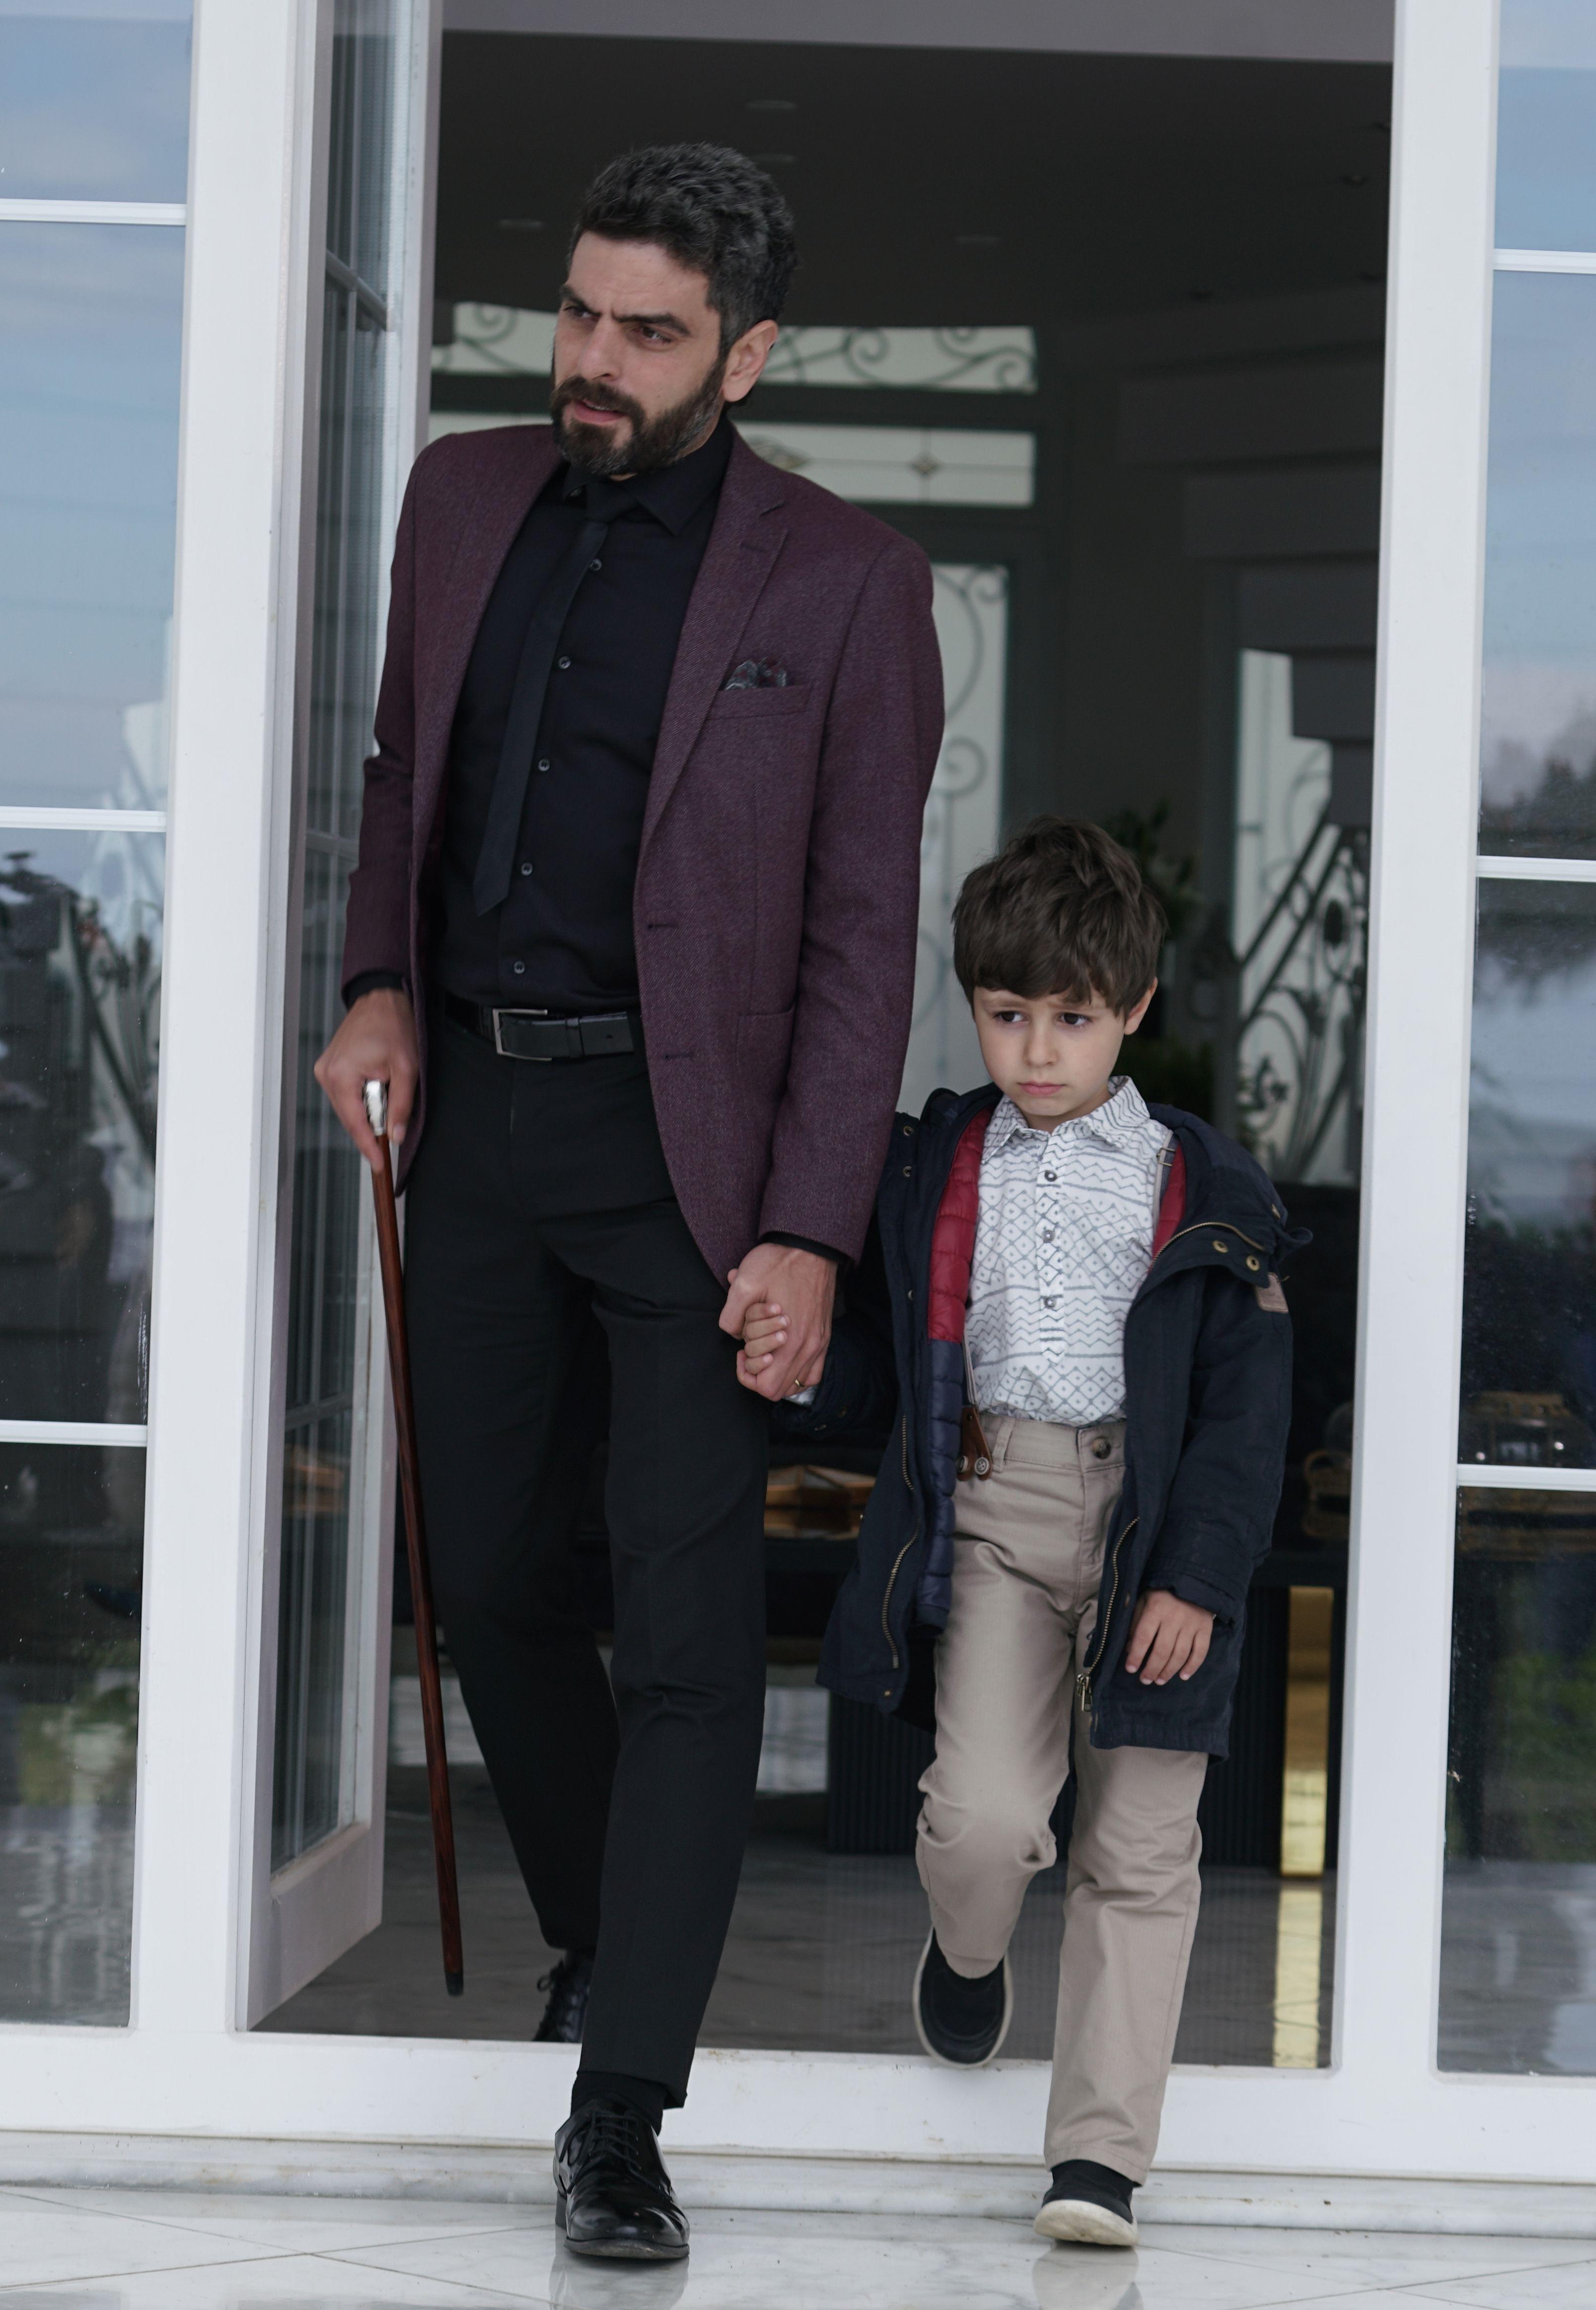 """Nefes si Tahir incearca din rasputeri sa il recupereze pe Yigit! Afla ce masuri va lua Vedat impotriva dusmanilor sai, in aceasta seara, intr-un nou episod din serialul """"Lacrimi la Marea Neagra""""!"""